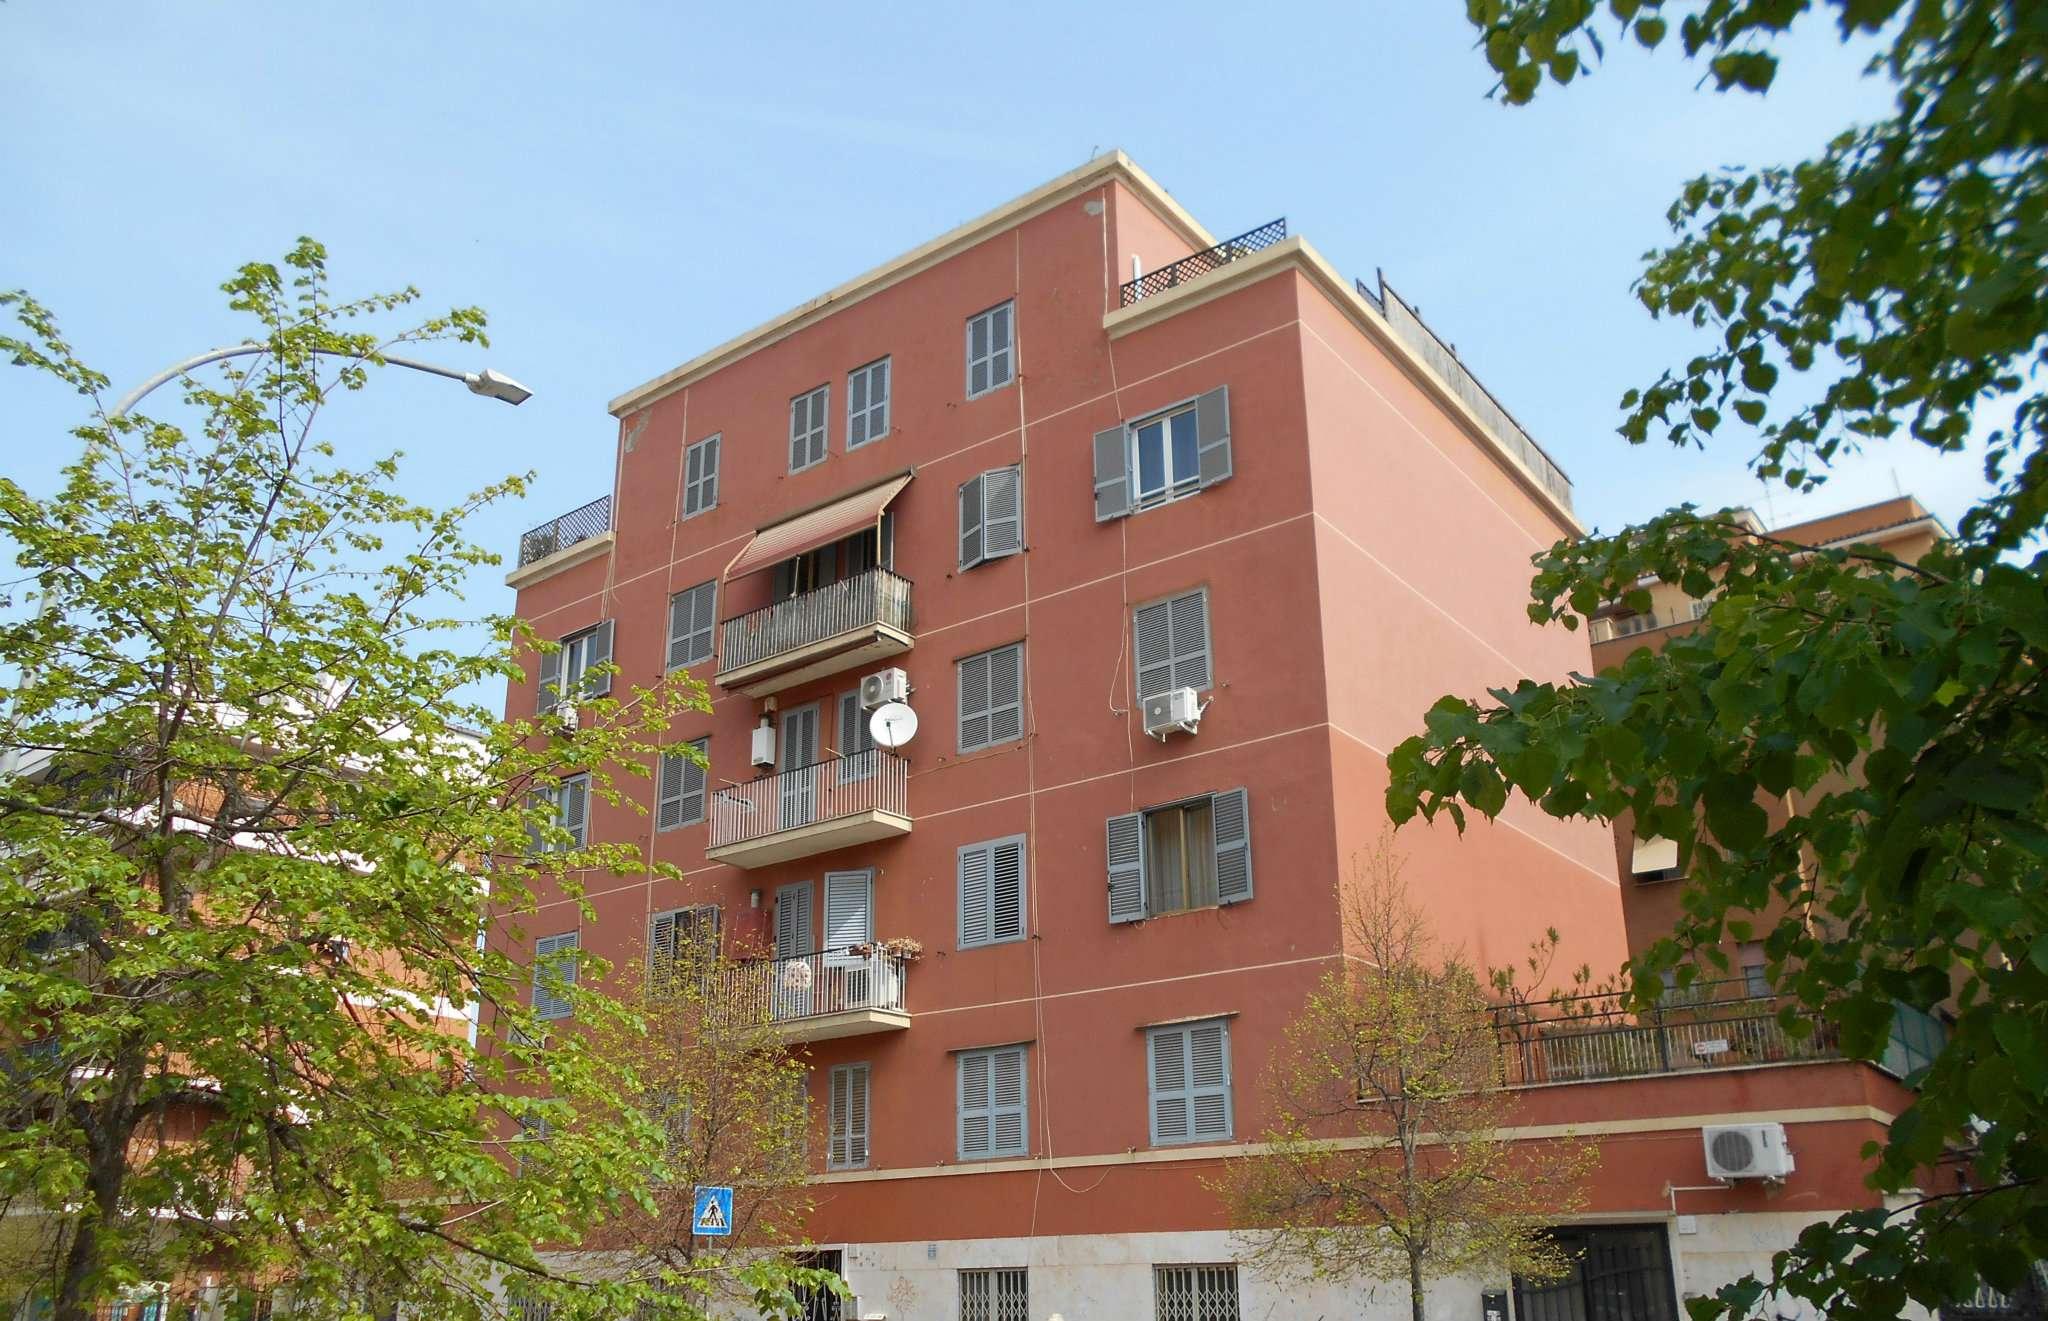 Annunci immobiliari inserzionista stimacasa cinecitta for Annunci immobiliari roma